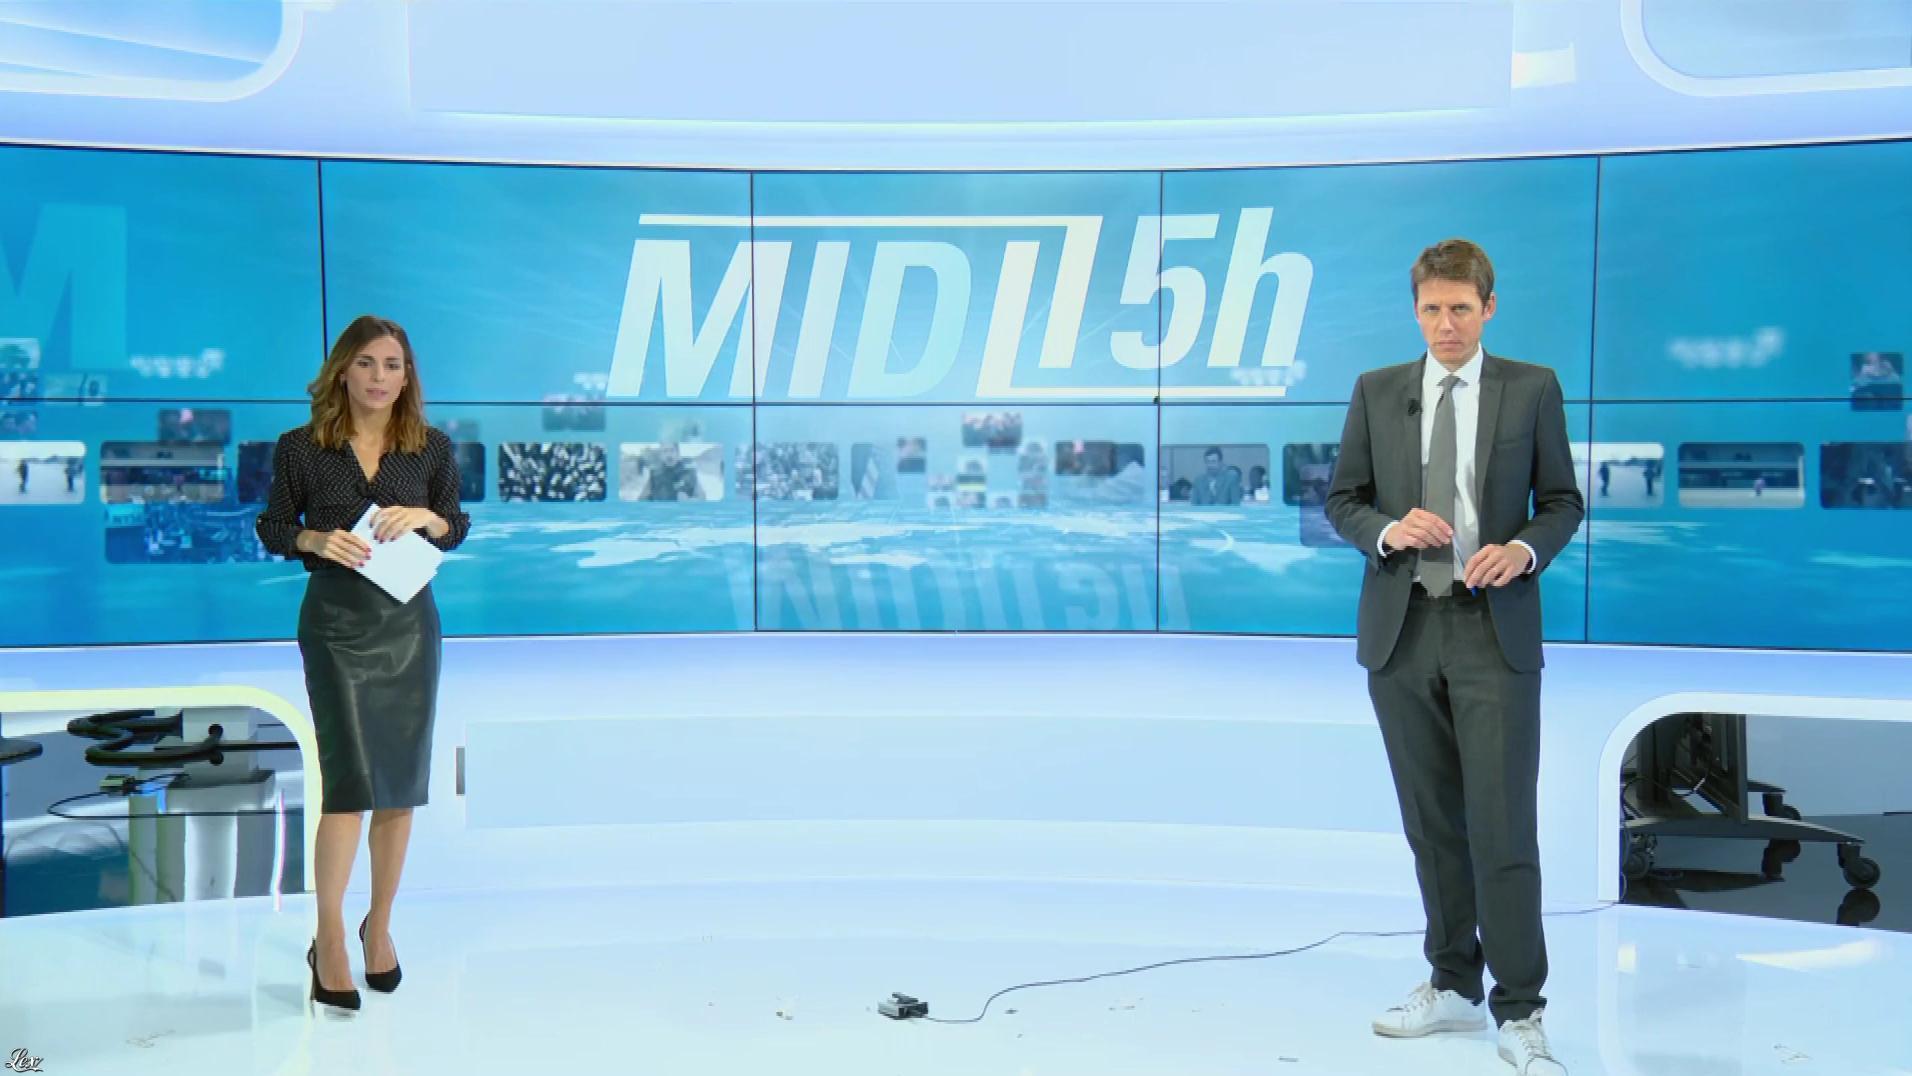 Alice Darfeuille dans le Midi-15h. Diffusé à la télévision le 08/10/19.